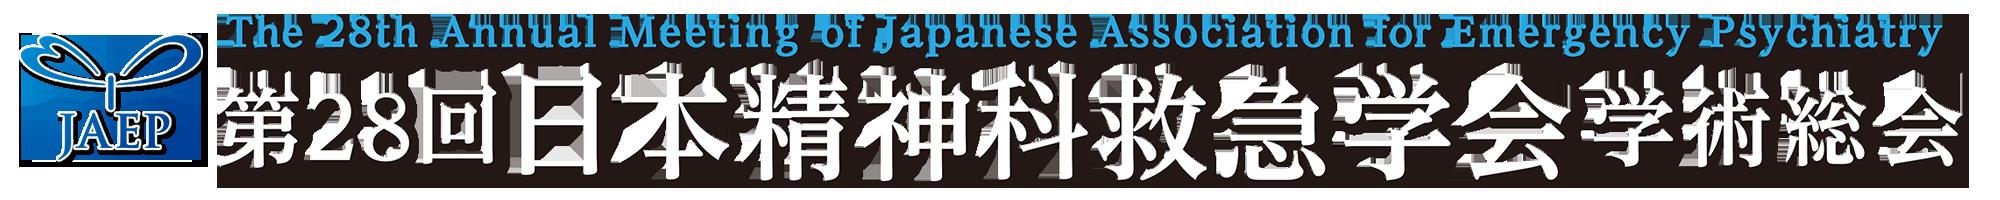 第28回日本精神科救急学会学術総会